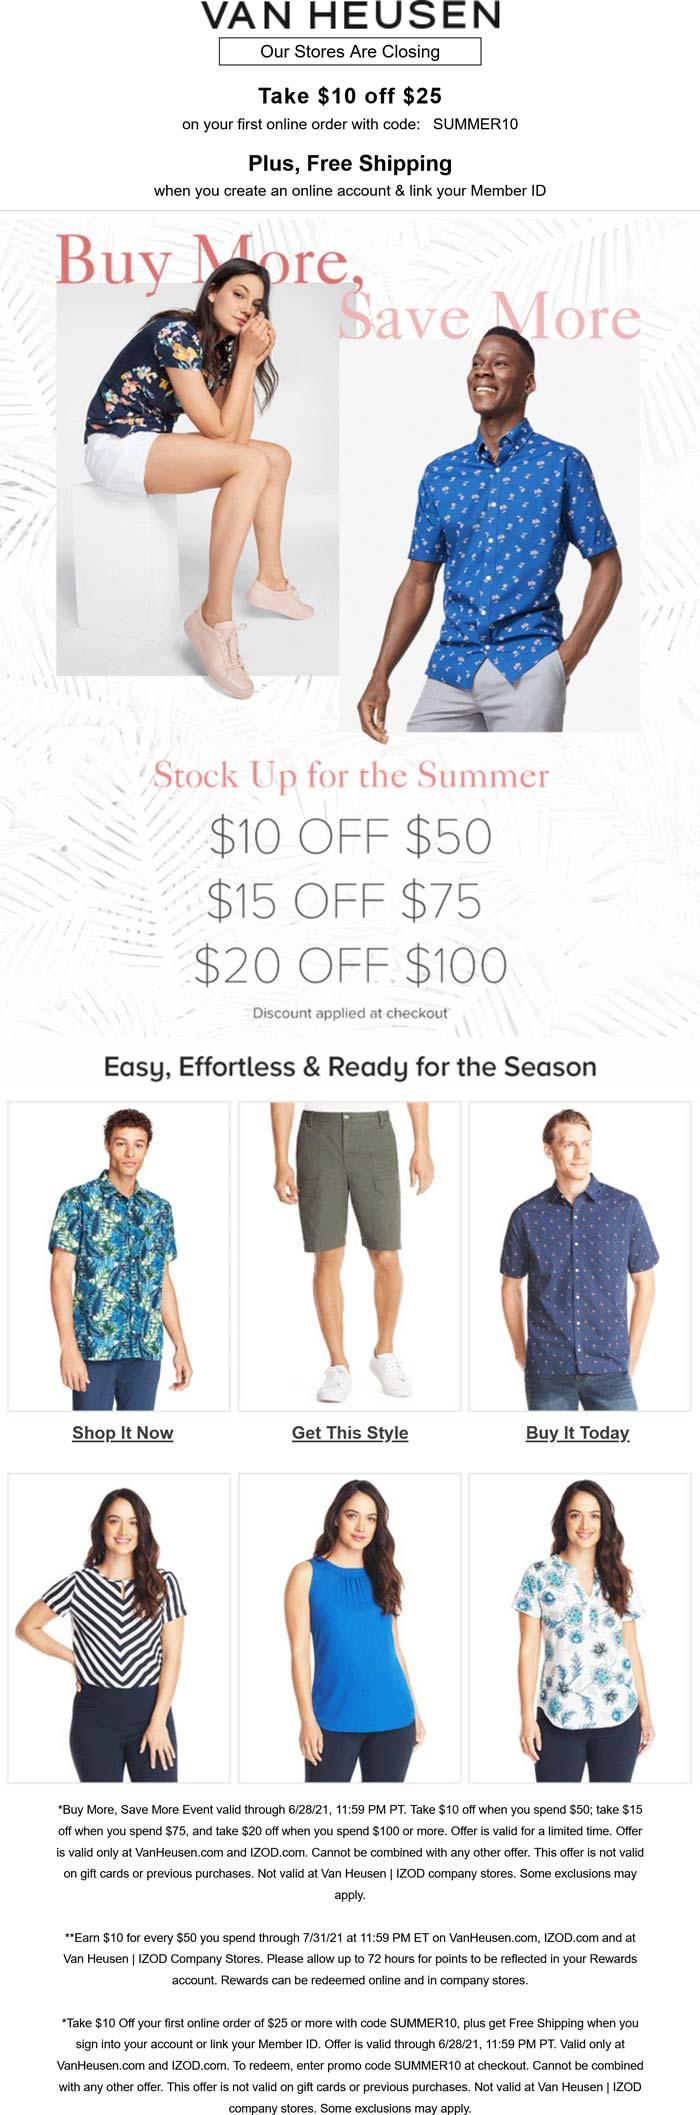 Van Heusen stores Coupon  Going out-of-business $10-$20 off $25+ at Van Heusen & IZOD via promo code SUMMER10 #vanheusen